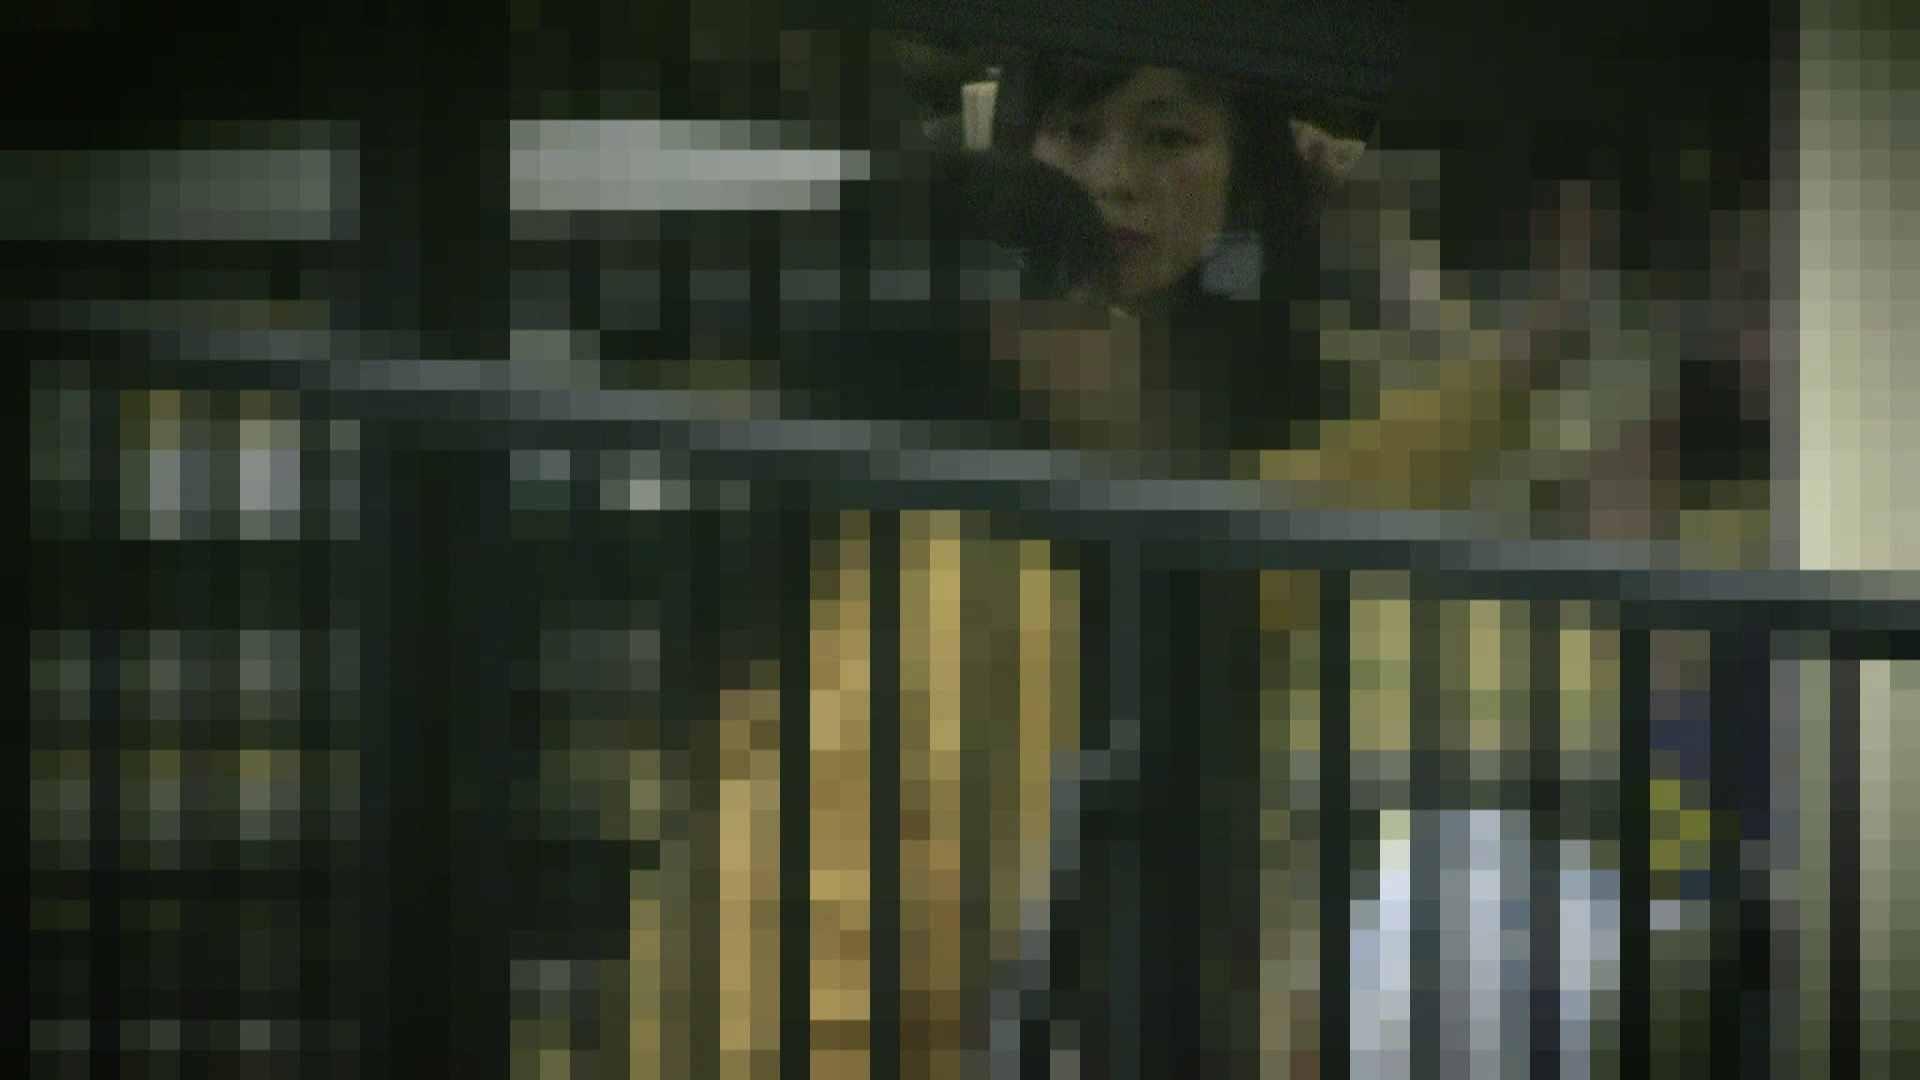 高画質露天女風呂観察 vol.006 OLのエロ生活 隠し撮りオマンコ動画紹介 60連発 44